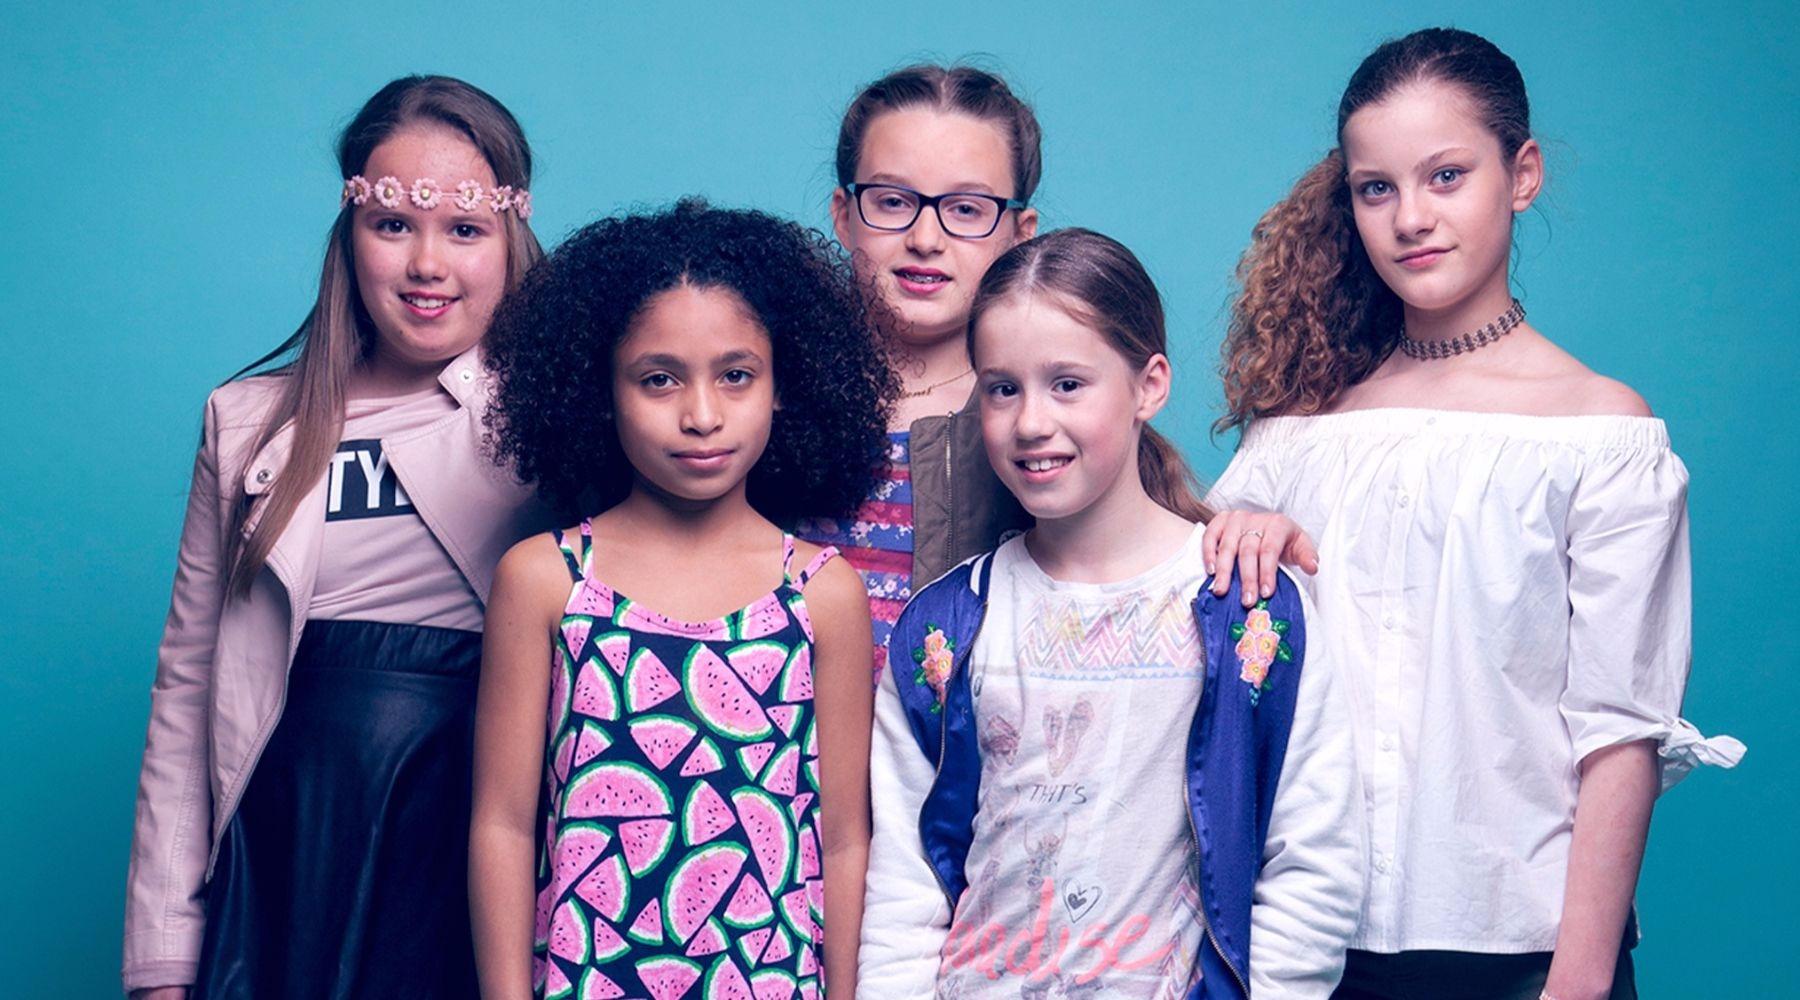 """The 5 Singing Stars is de nieuwste girlband ontstaan uit het talentenvijver """"Talent College"""" in Amsterdam-West. The 5 Singing Stars bestaat uit Dalischa, Misha, Yentl, Marieke en Natasha."""